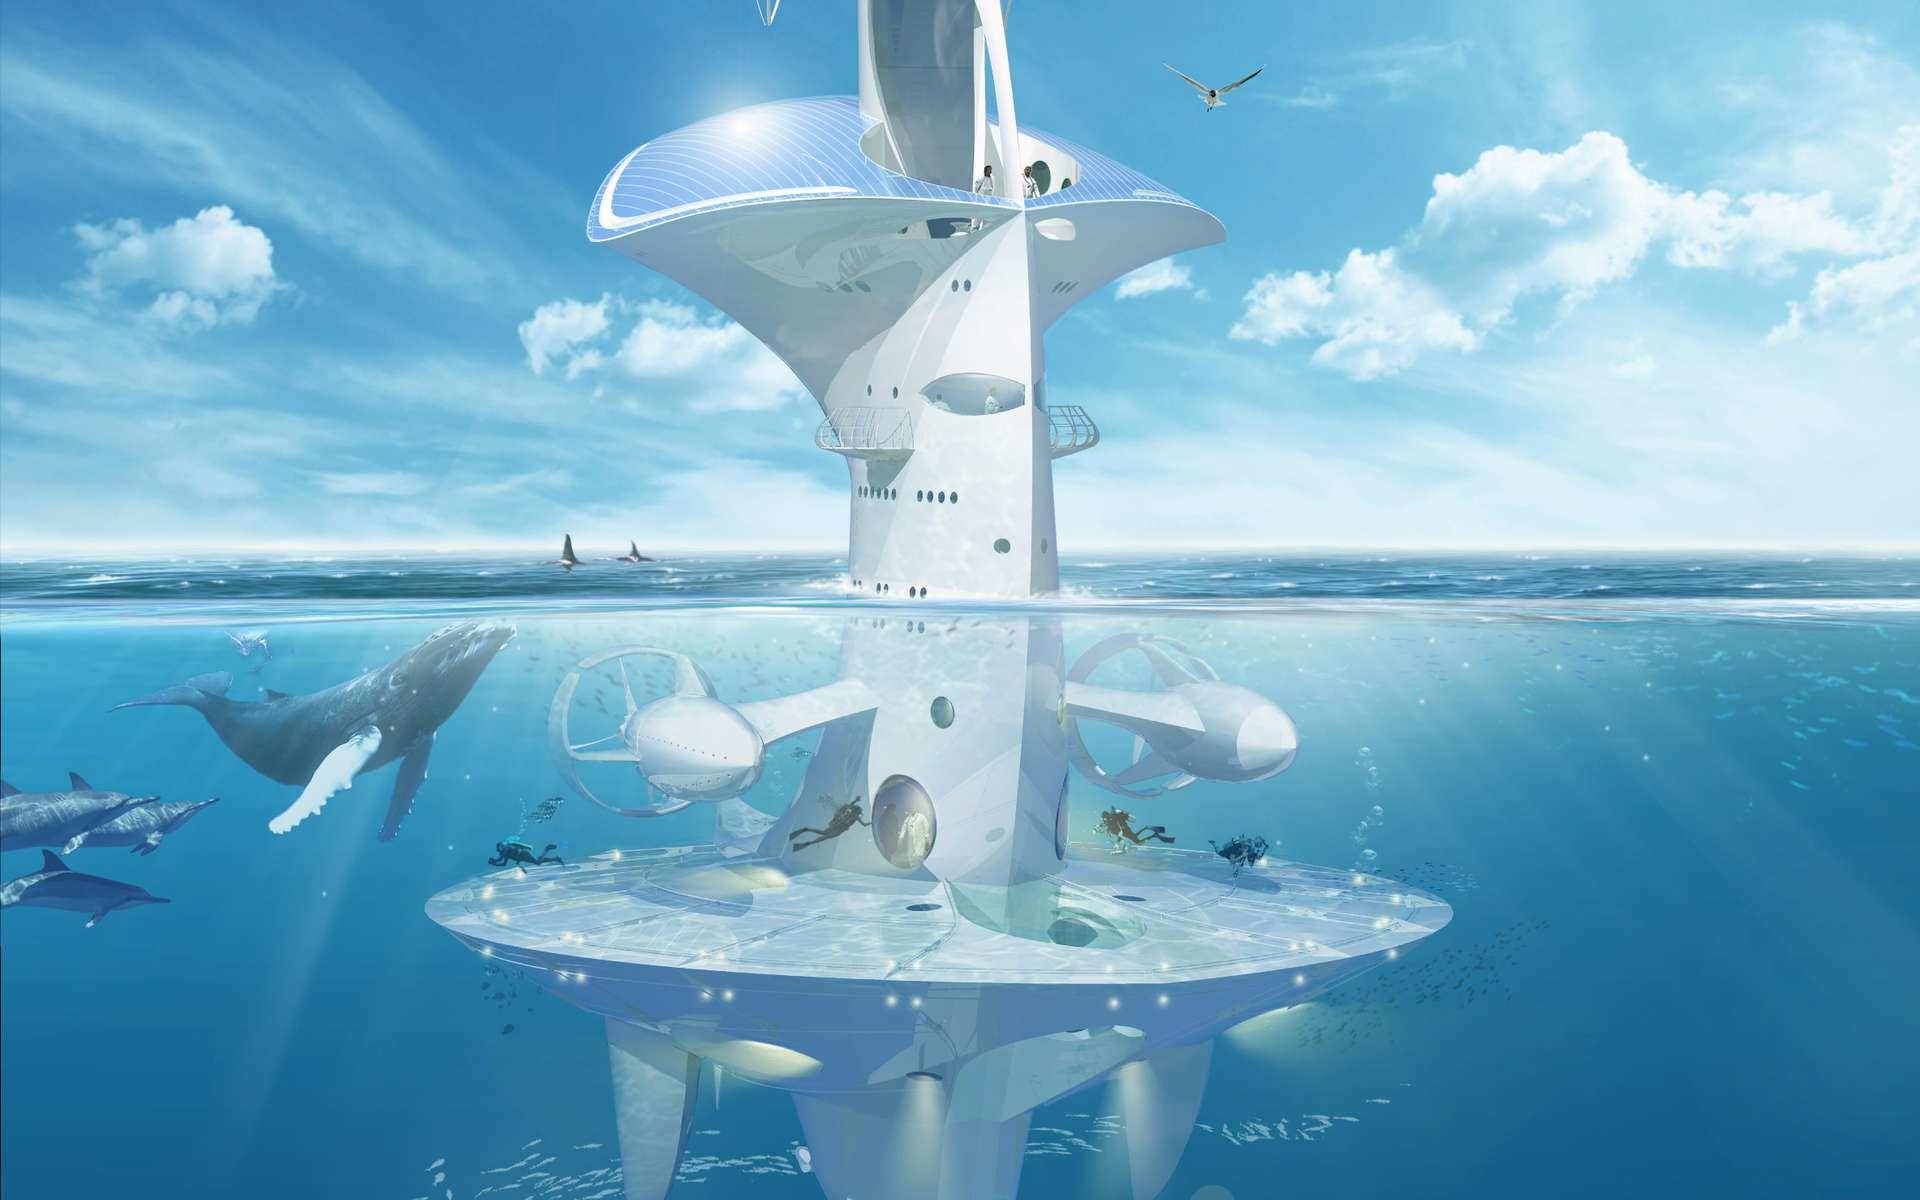 Le Sea Orbiter permet un travail et une vie permanente sur et dans l'océan. Actuellement, les campagnes des navires océanographiques ne permettent pas ce genre de travail. Les océanographes utilisent également, de plus en plus, des robots, téléguidés ou autonomes. Mais il leur manque toujours cette possibilité d'effectuer de longues missions au sein d'une masse d'eau pour en étudier différents aspects, du plancton aux rythmes quotidiens des écosystèmes. La réaction enthousiaste des océanographes à la mission Tara Oceans, qui a permis des stations de longues durées, démontre bien la réalité de ce besoin. © Sea Orbiter